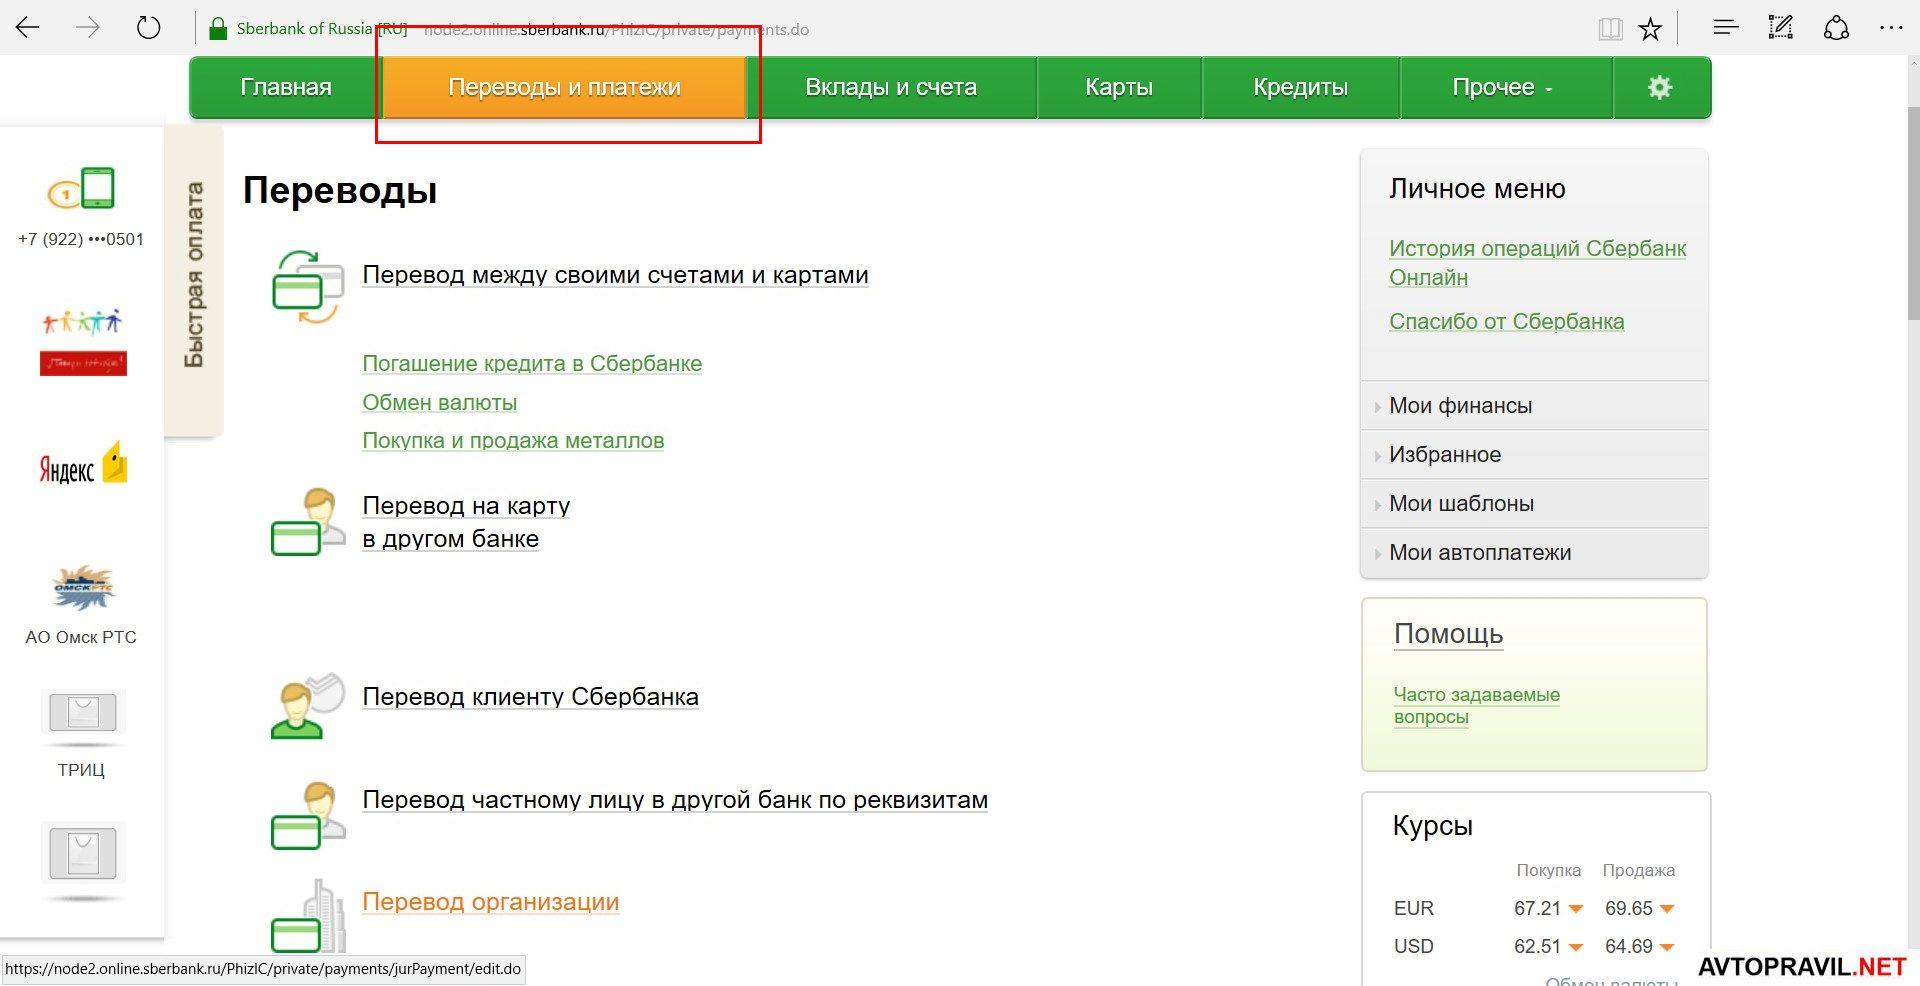 платежи и переводы в личном кабинете сбербанка5c5b374ccfc49